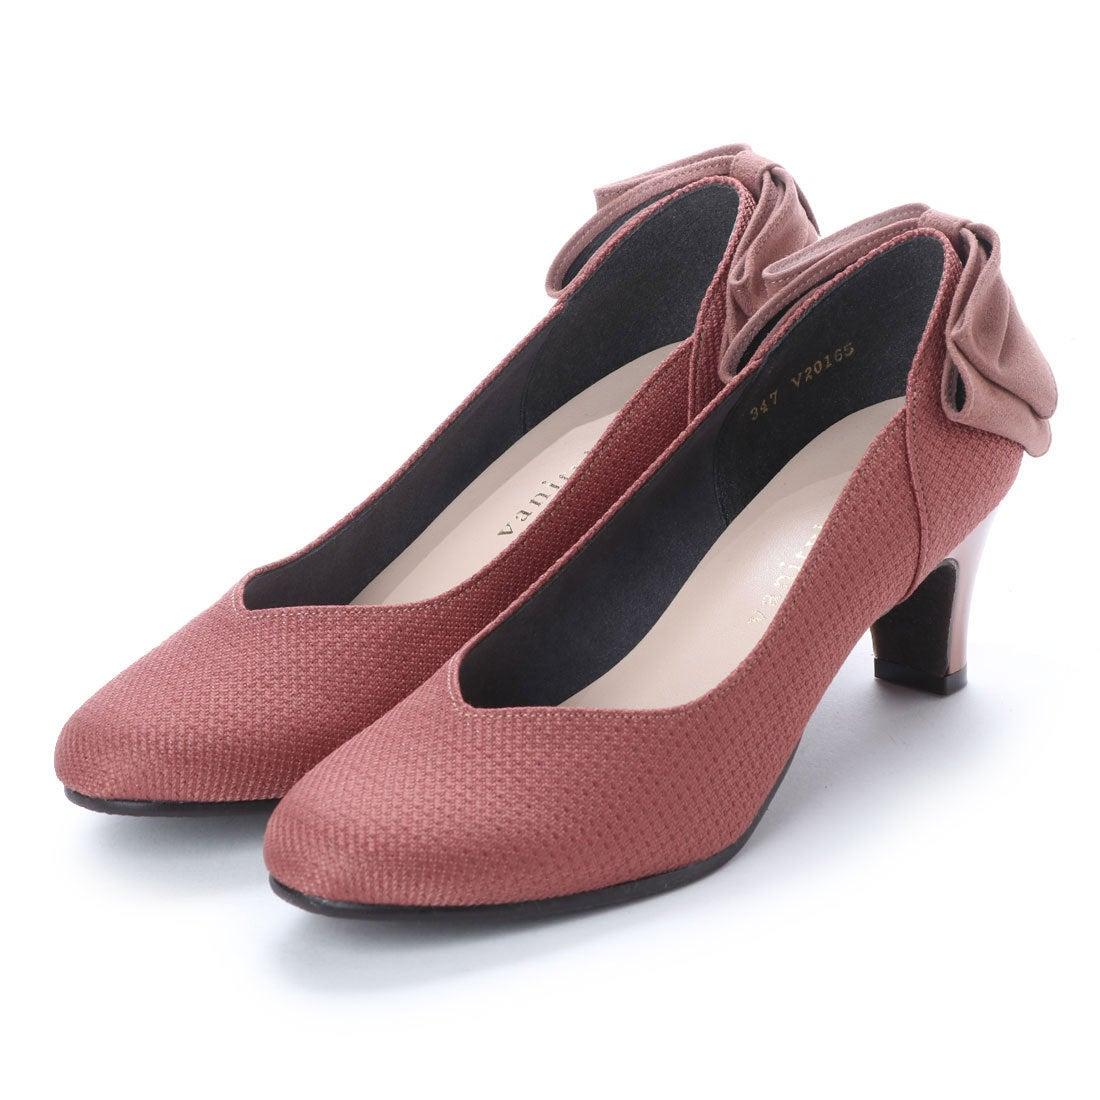 バニティービューティー vanitybeauty スクエアバックバンドパンプス (ピンク) レディース